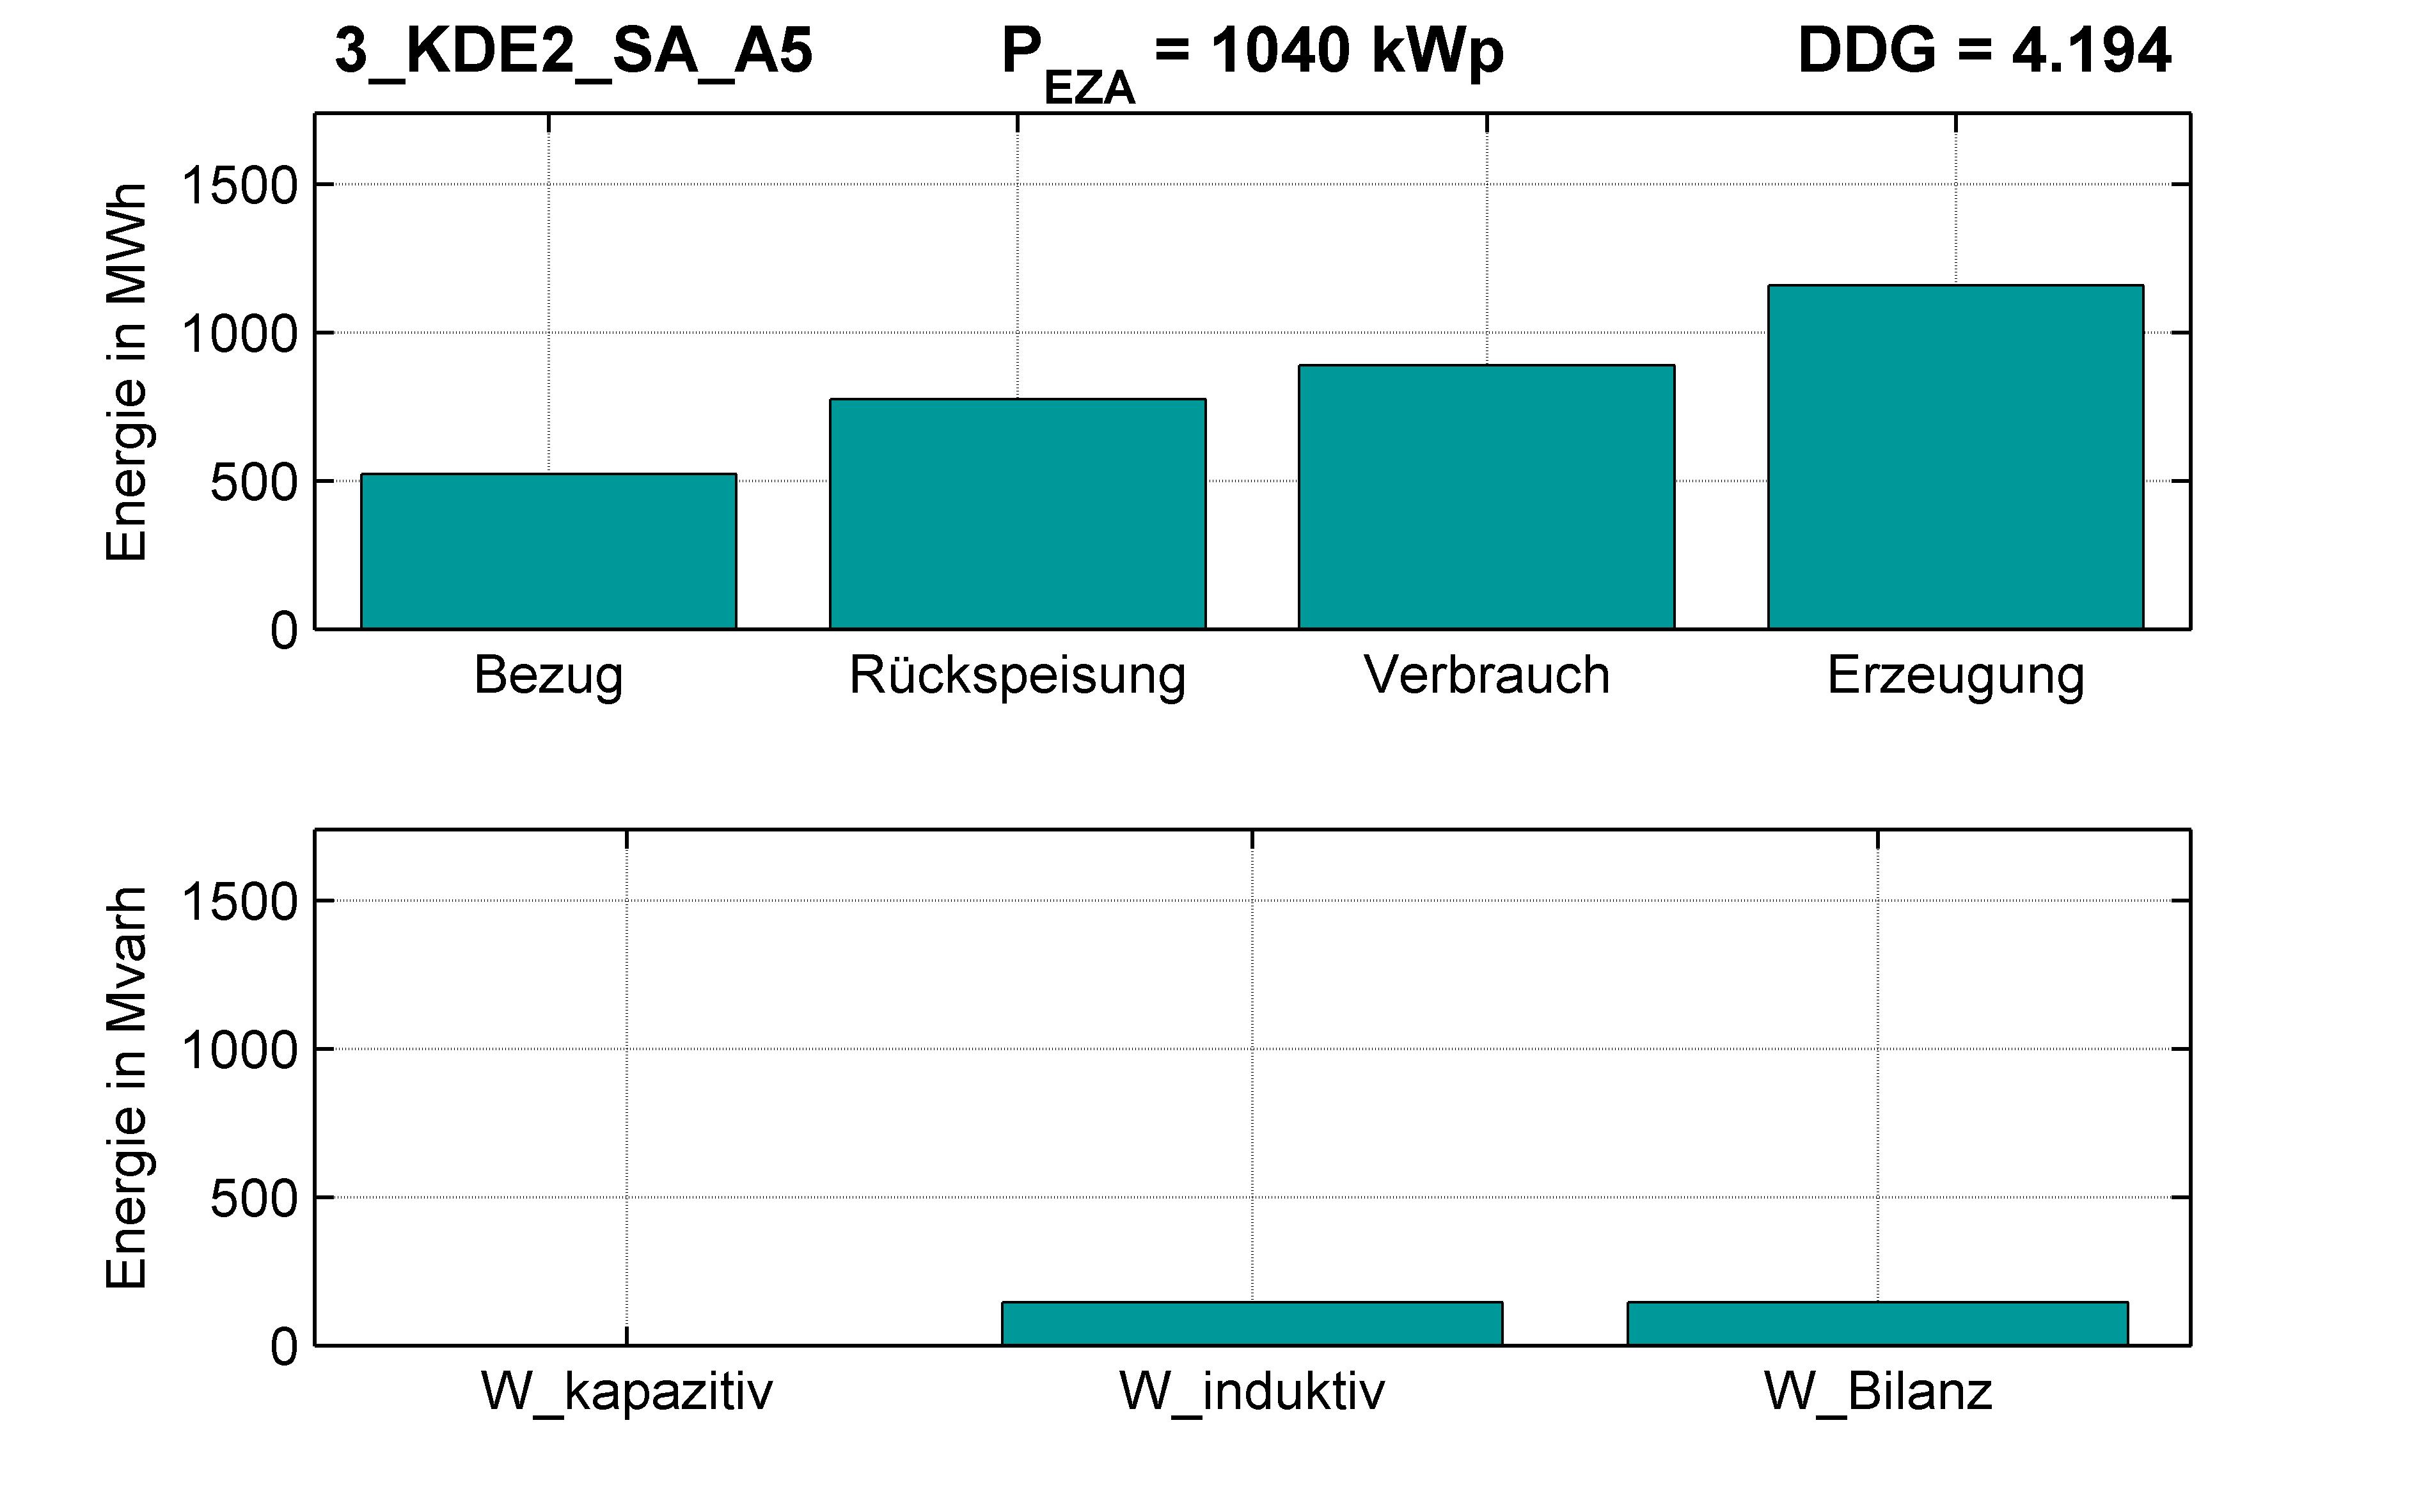 KDE2 | P-Kappung 70% (SA) A5 | PQ-Bilanz